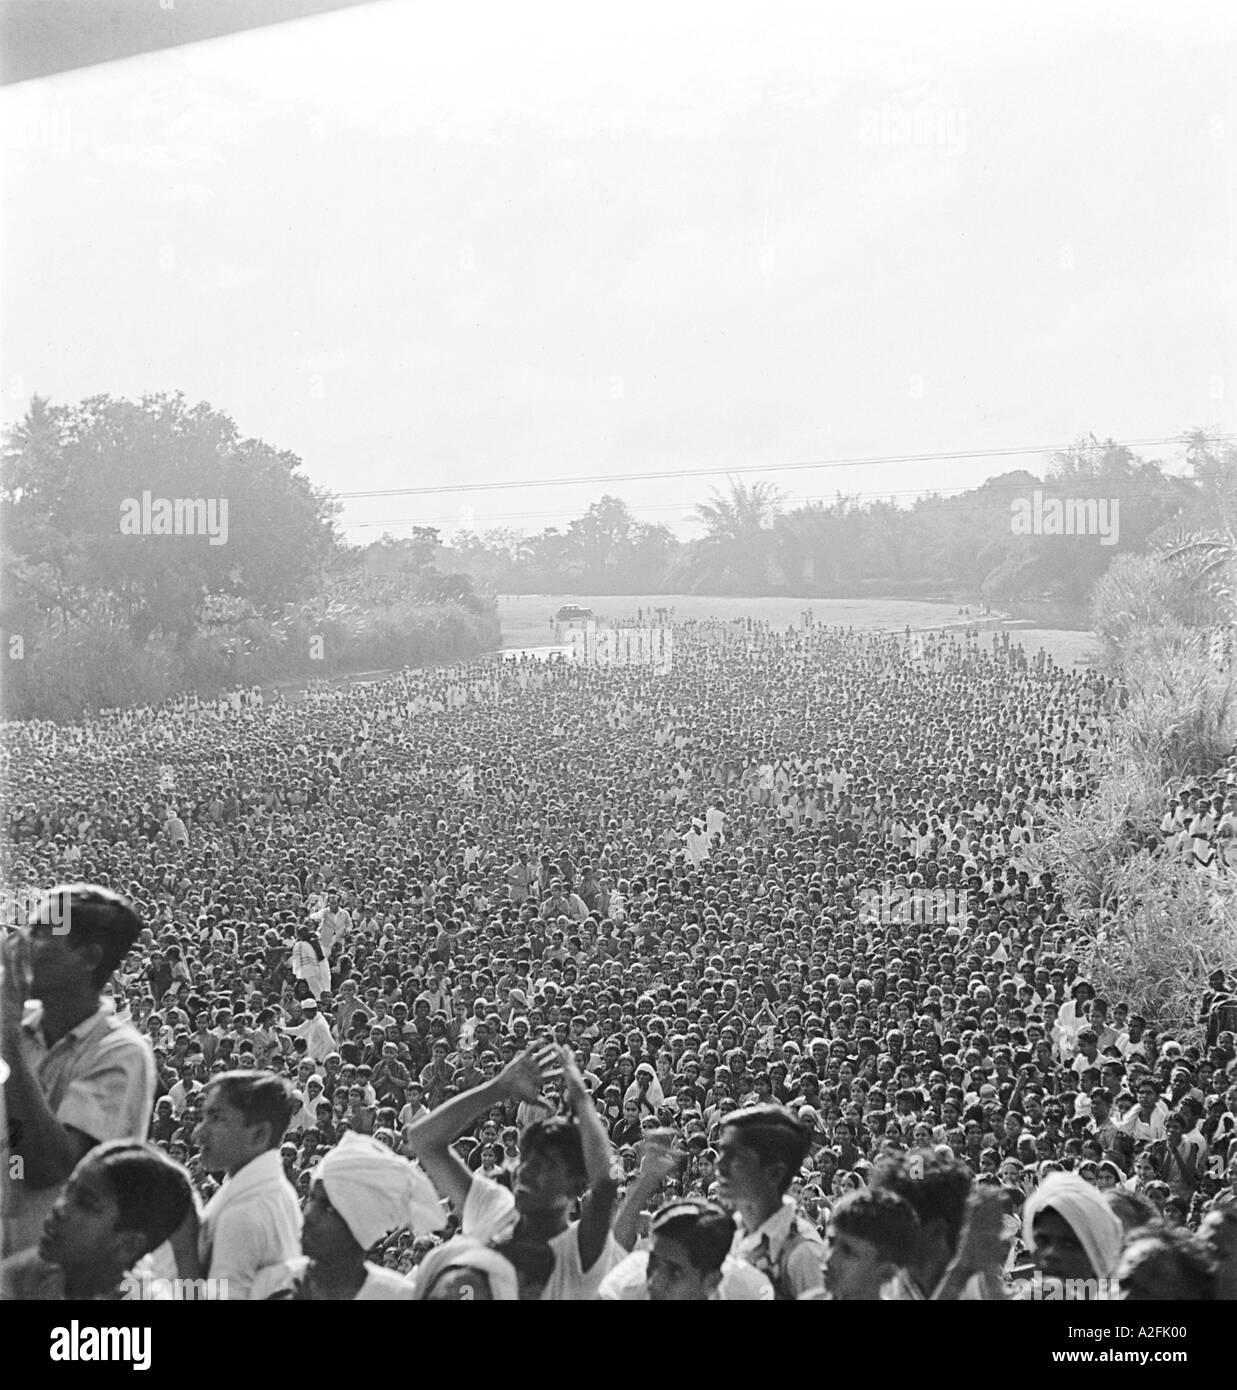 MKG33519 La folla è desideroso di ottenere un assaggio del Mahatma Gandhi a Chennai Tamil Nadu India 1946 Immagini Stock